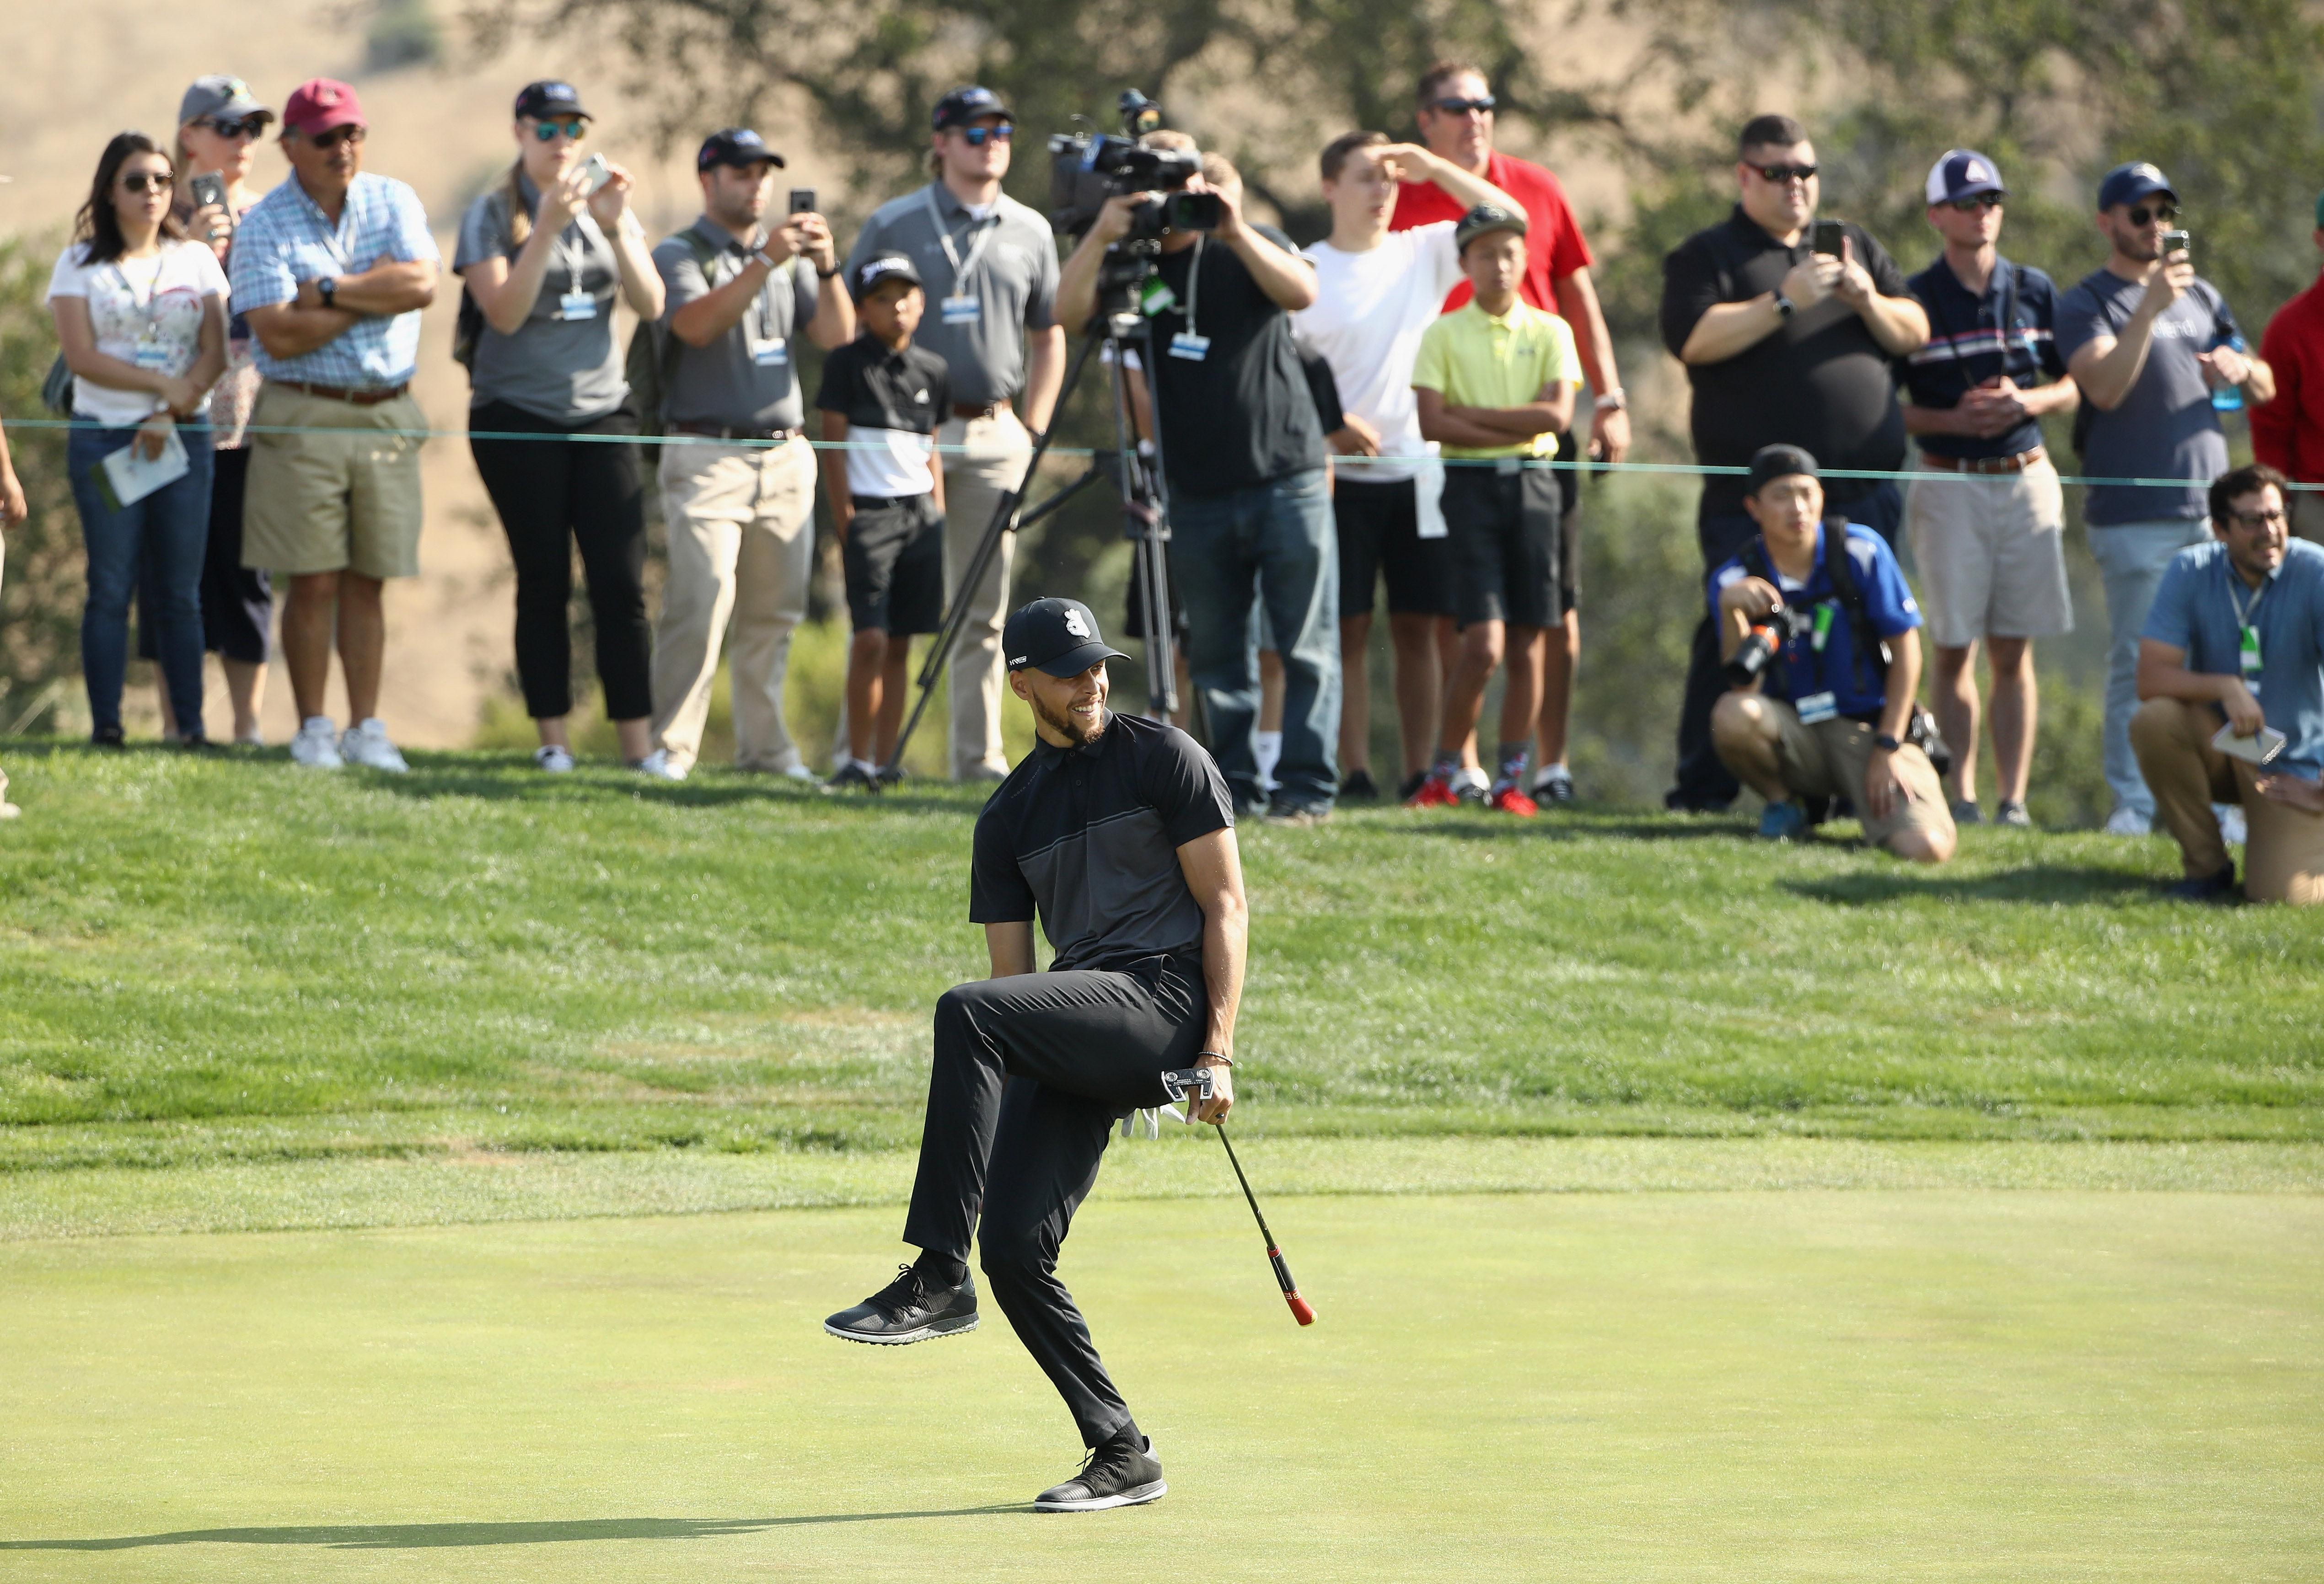 库里参加高尔夫顶级职业赛 71杆表现相当惊人